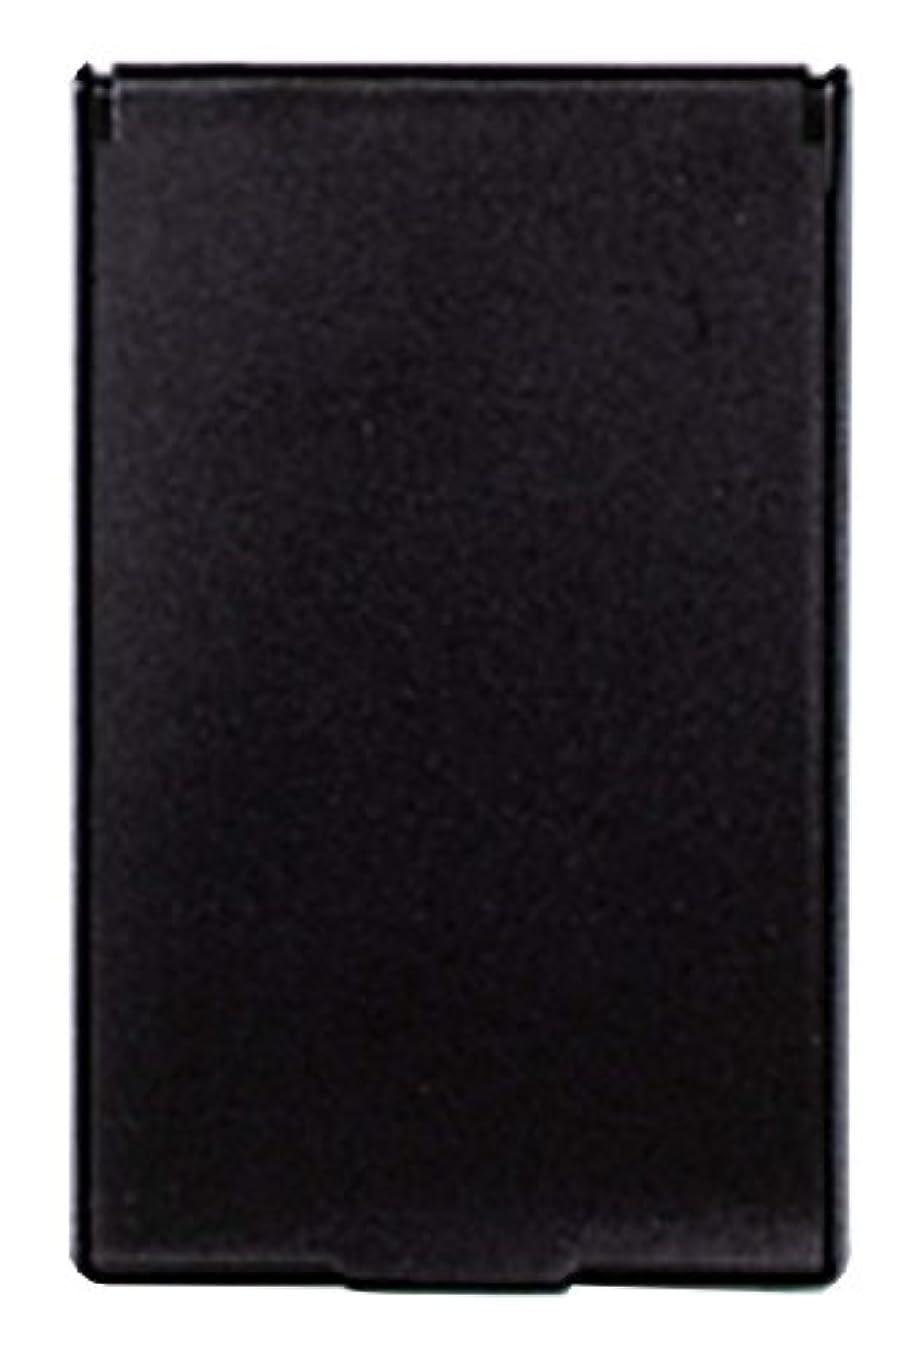 誓い安全でない時系列ビブレ 角型 コンパクトミラー S ブラック Y-3572